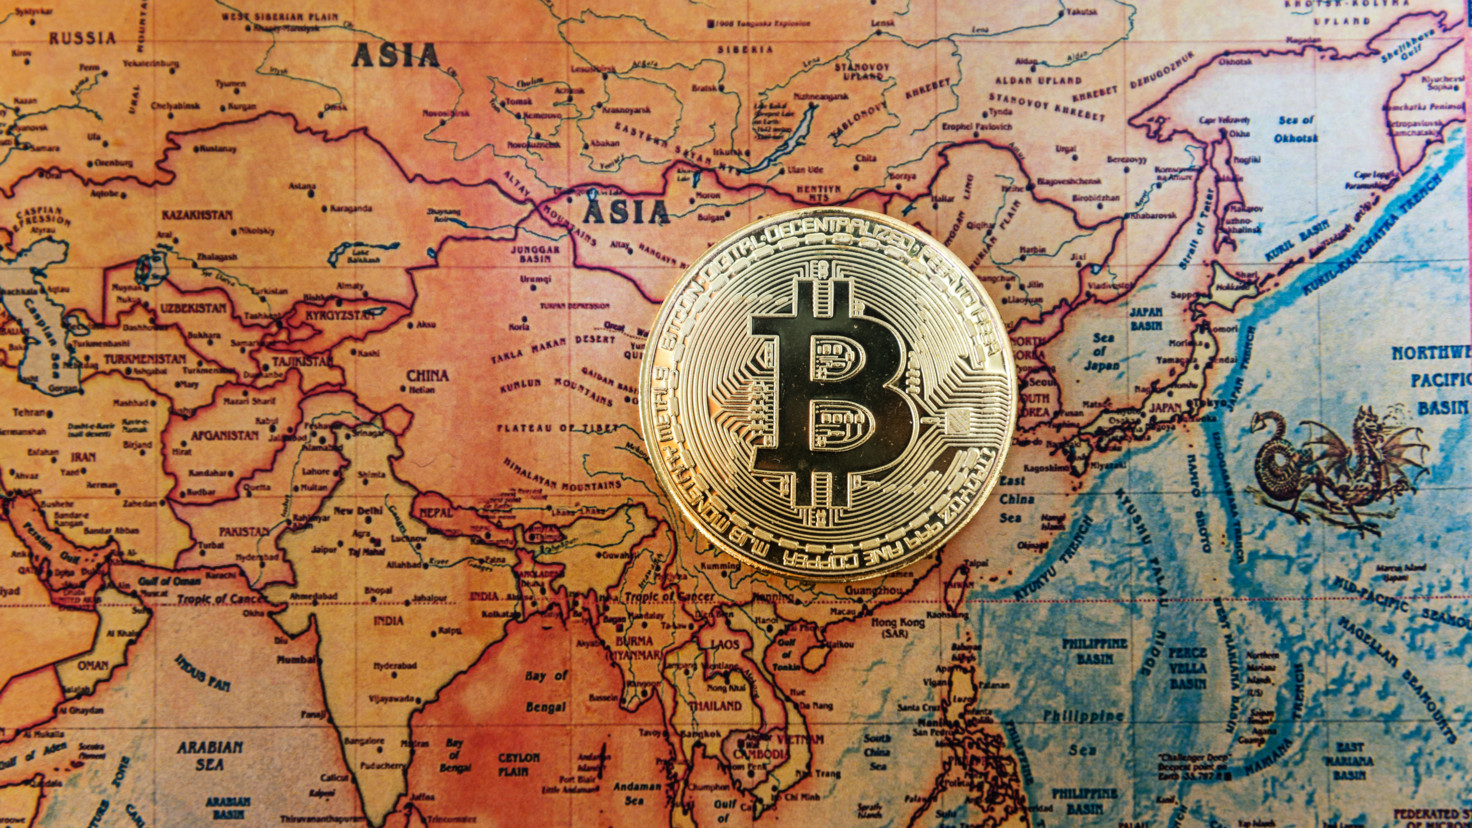 Правовой статус криптовалют в Азии  что происходит прямо сейчас